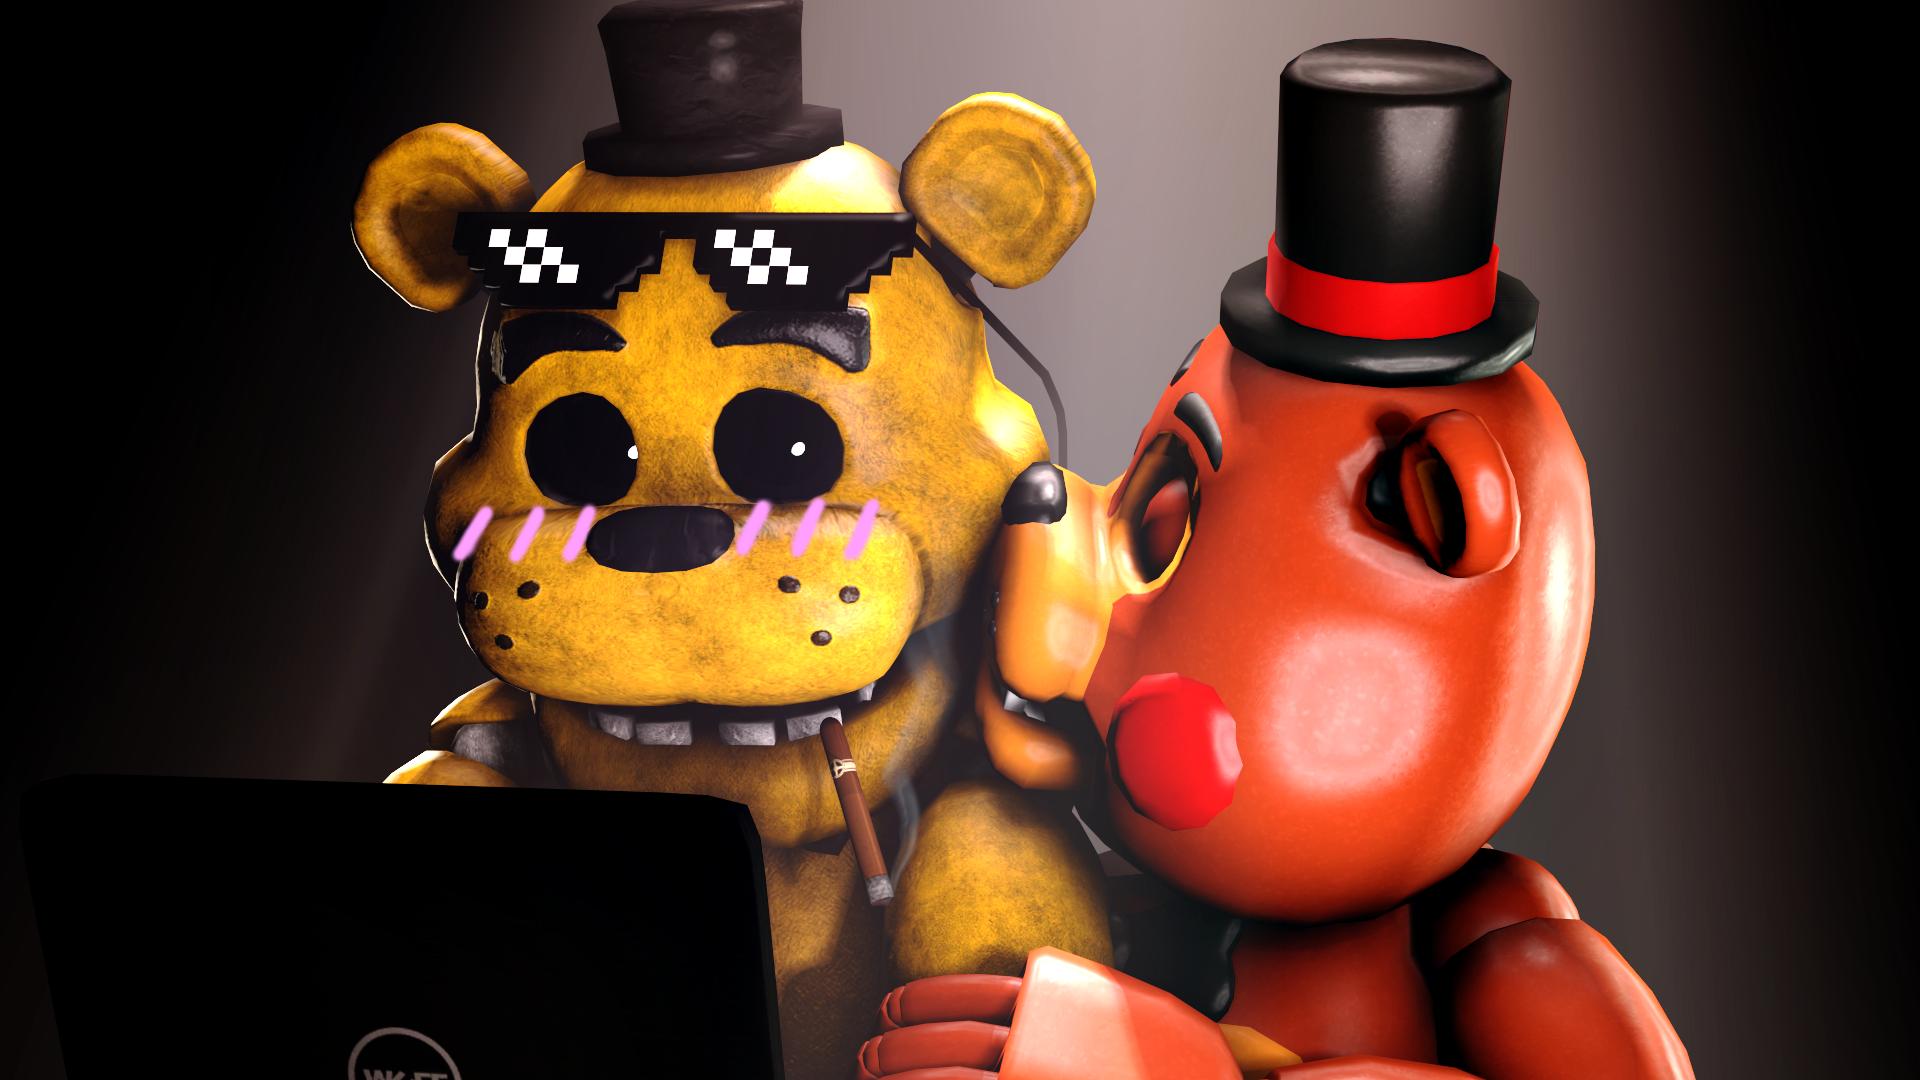 Gold Freddy Toys : Shocked goldy by talondang on deviantart